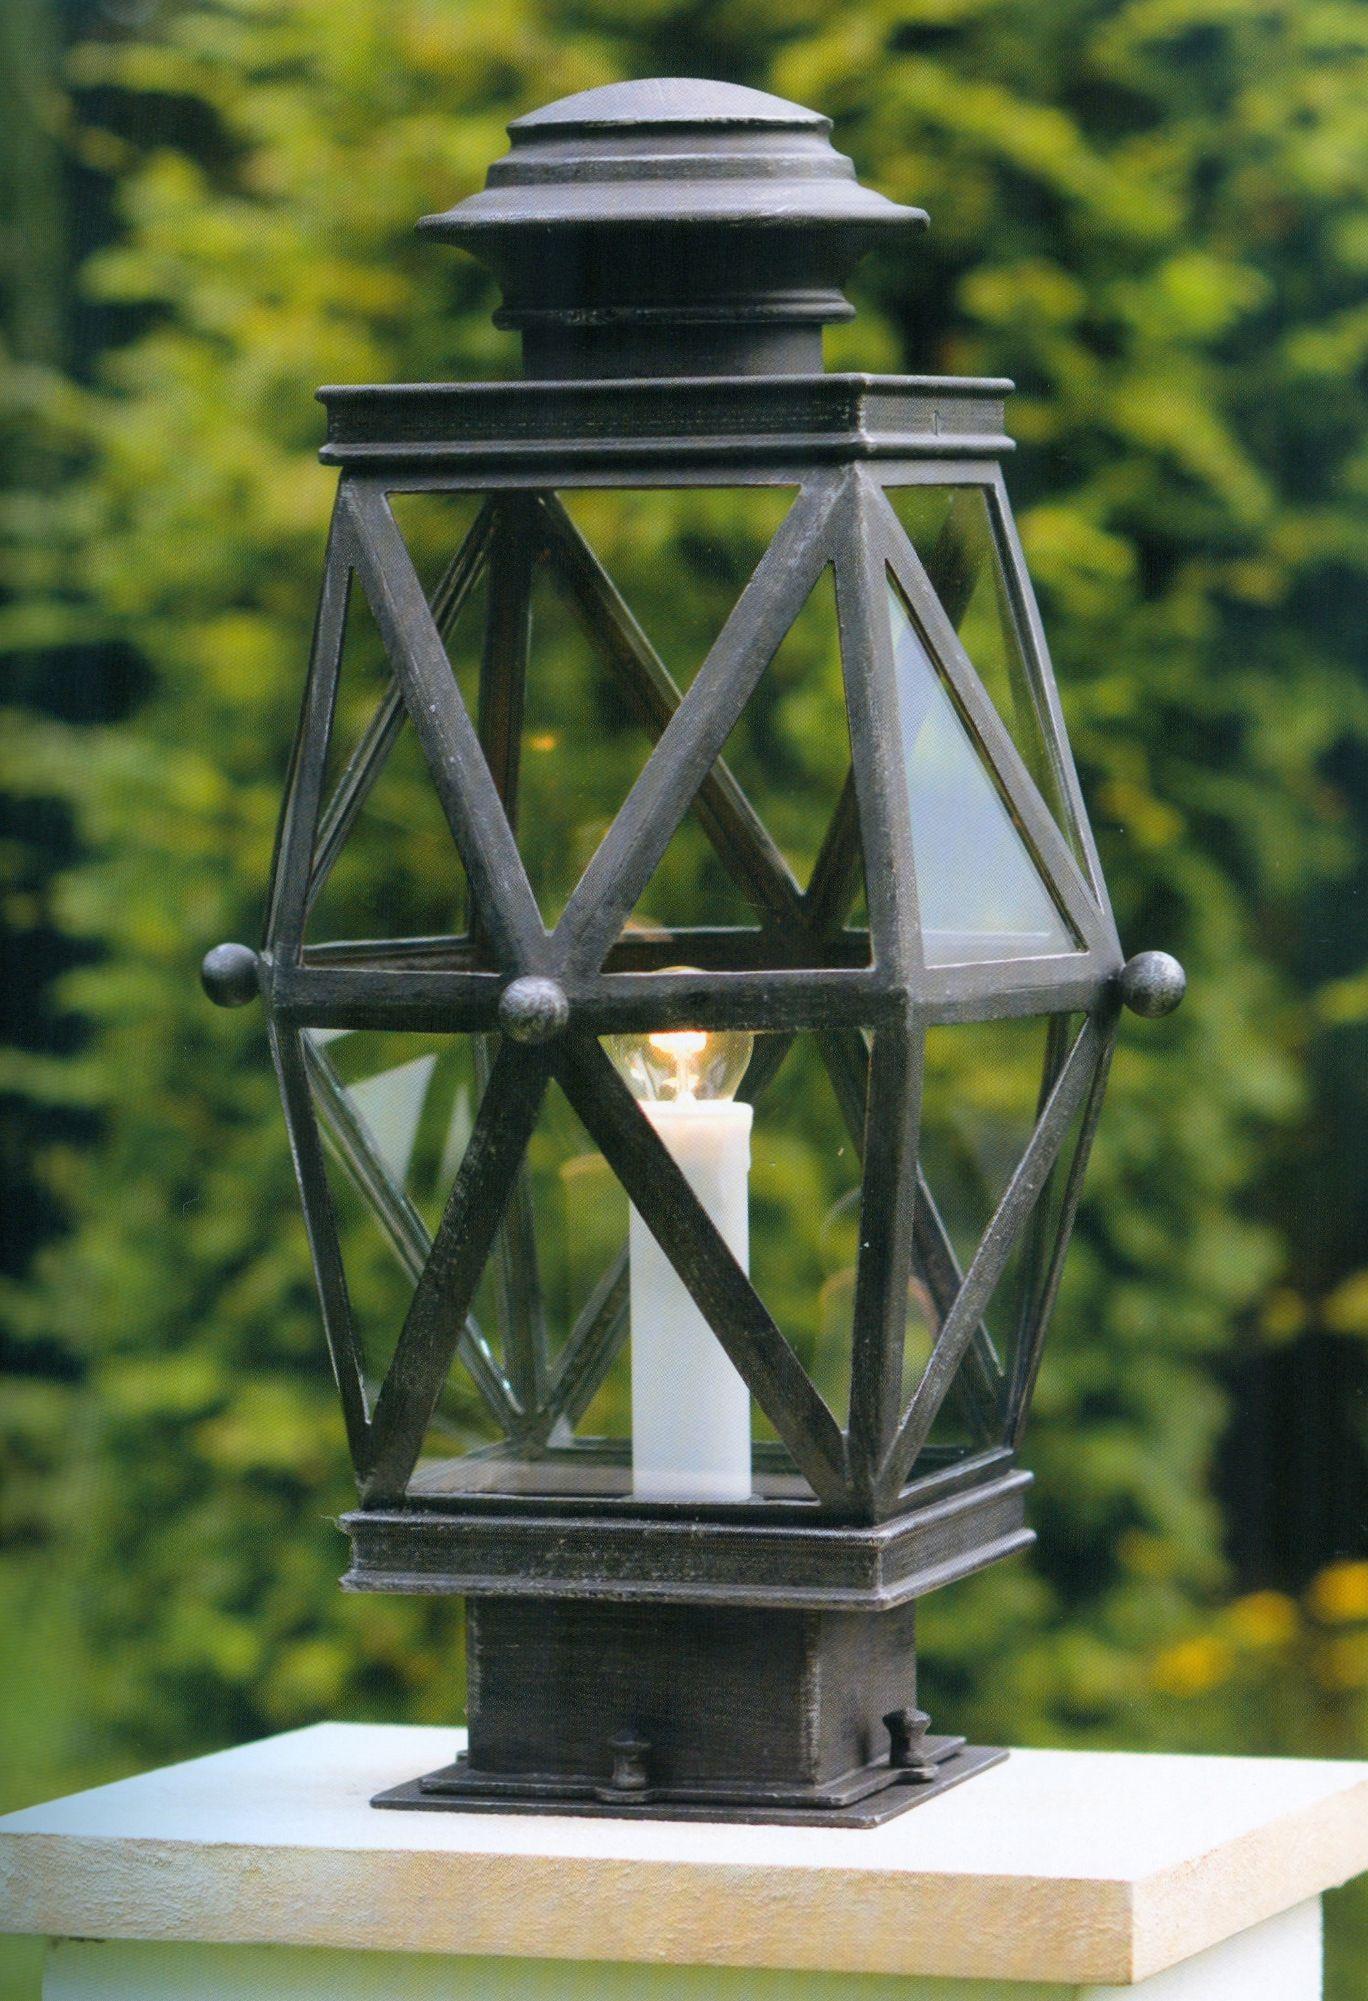 Image 1 Deutsche Mauerleuchte aus Schmiedeeisen AL 6801 Eisen-Natur. Traditional German Pedestal Light ... & Traditional German Pedestal Light AL 6801 - Terra Lumi